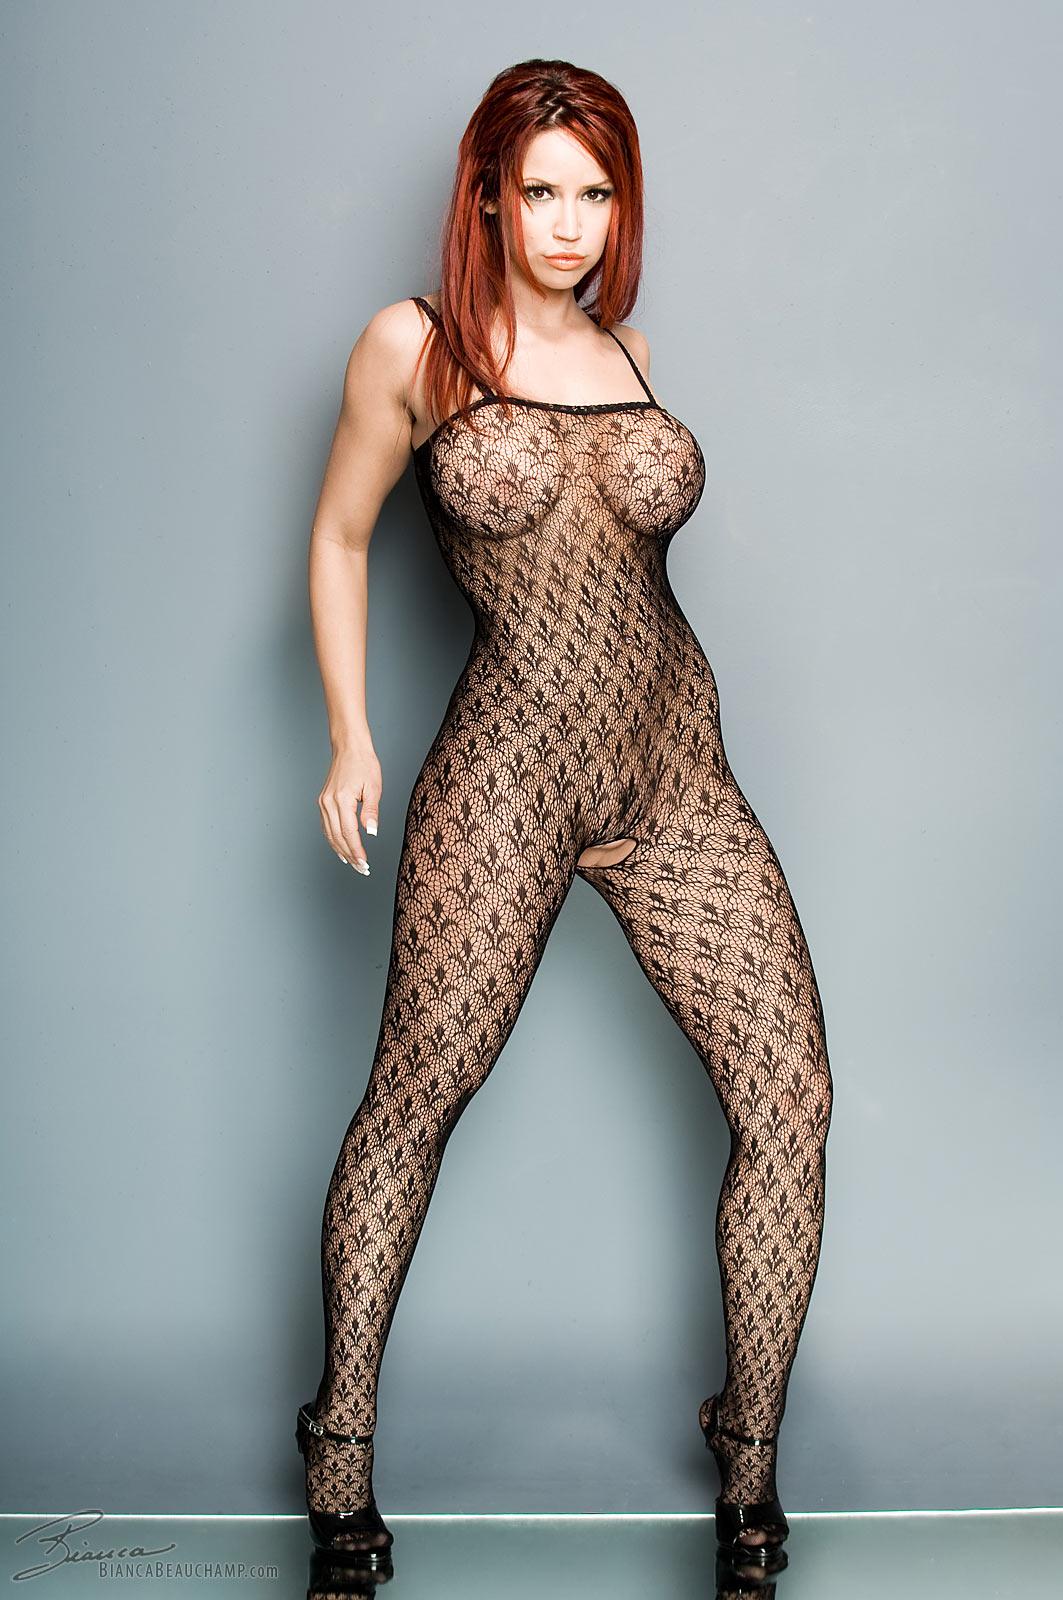 Фото голые женщины в эротичном боди